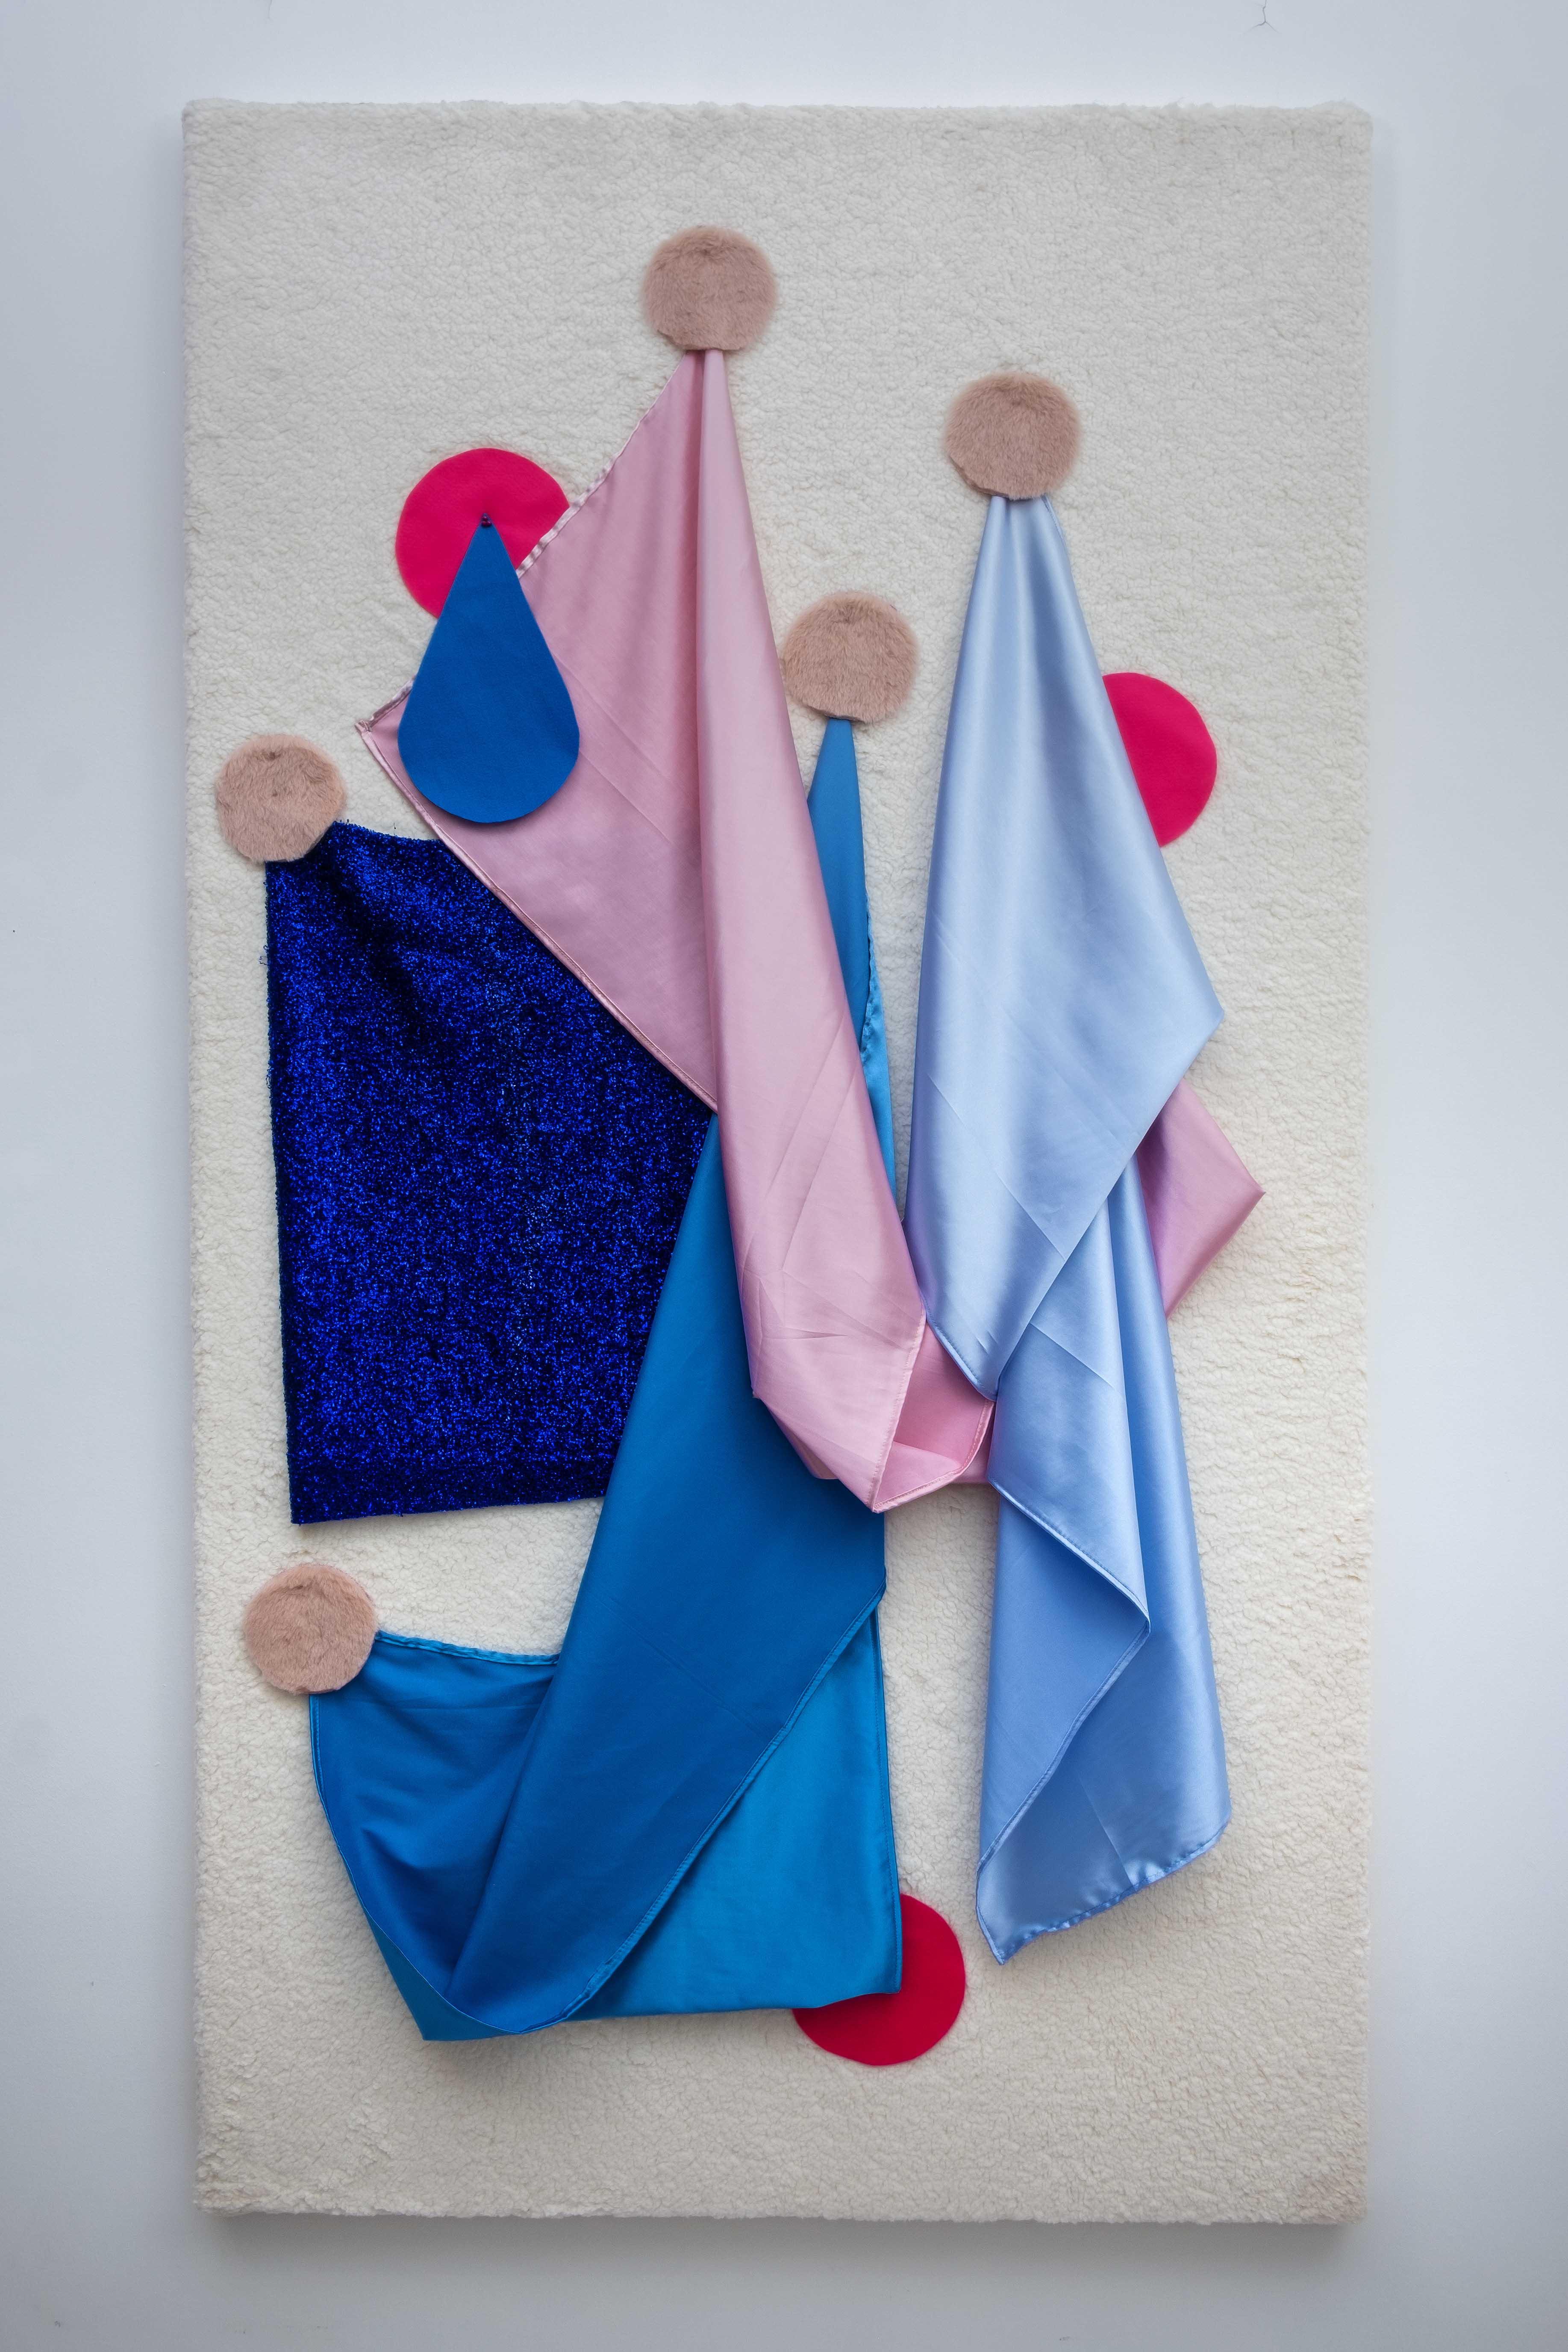 Azul e Rosa em Queda 2020 Série: Formas Contrassexuais Lã sintética, pele sintética, cetim, feltro, poliester, alfinete e prego sobre tela 200 x 100 cm